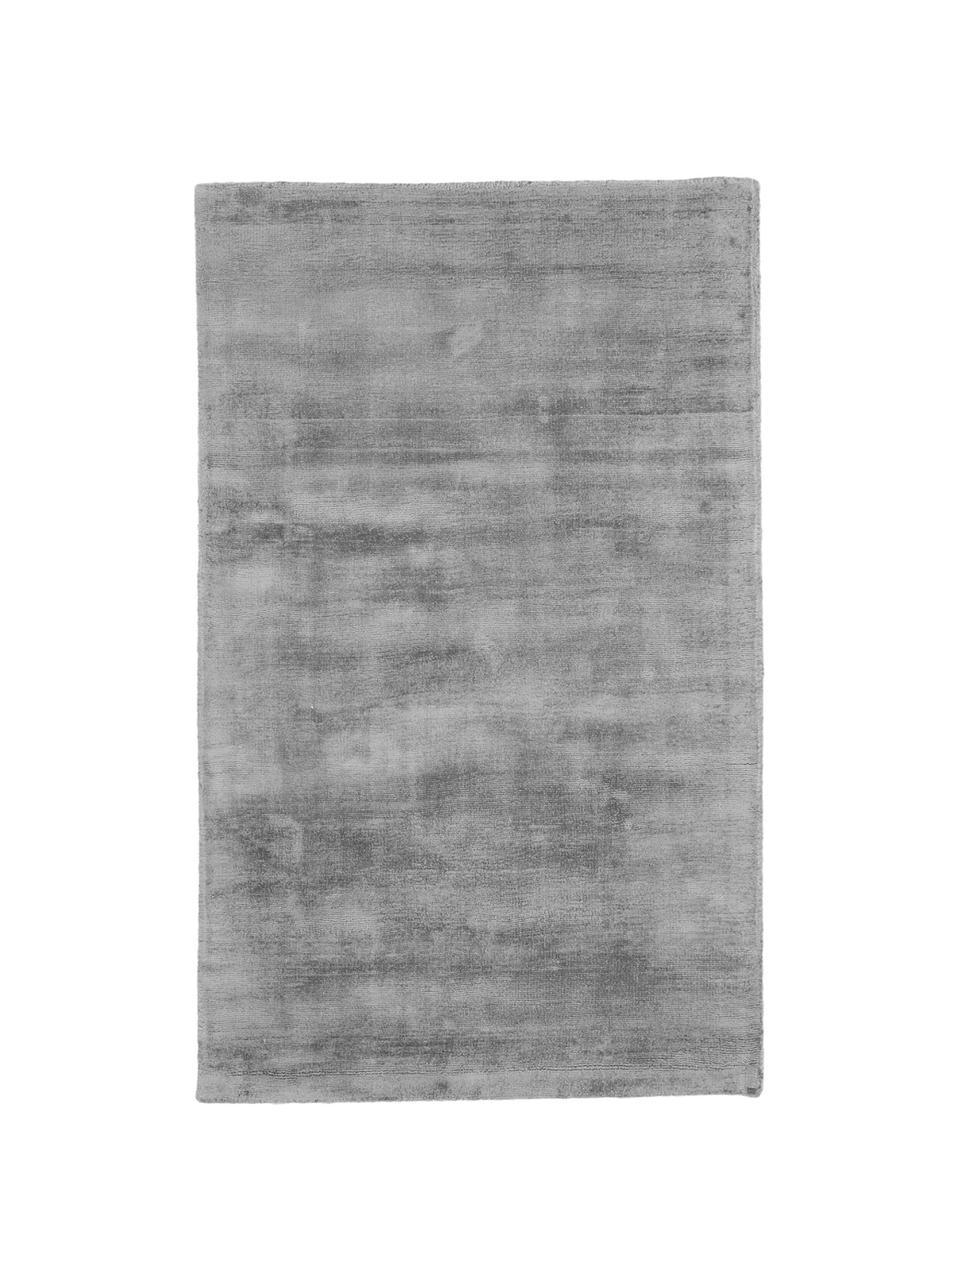 Handgeweven viscose vloerkleed Jane in grijs, Bovenzijde: 100% viscose, Onderzijde: 100% katoen, Grijs, B 160 x L 230 cm (maat M)